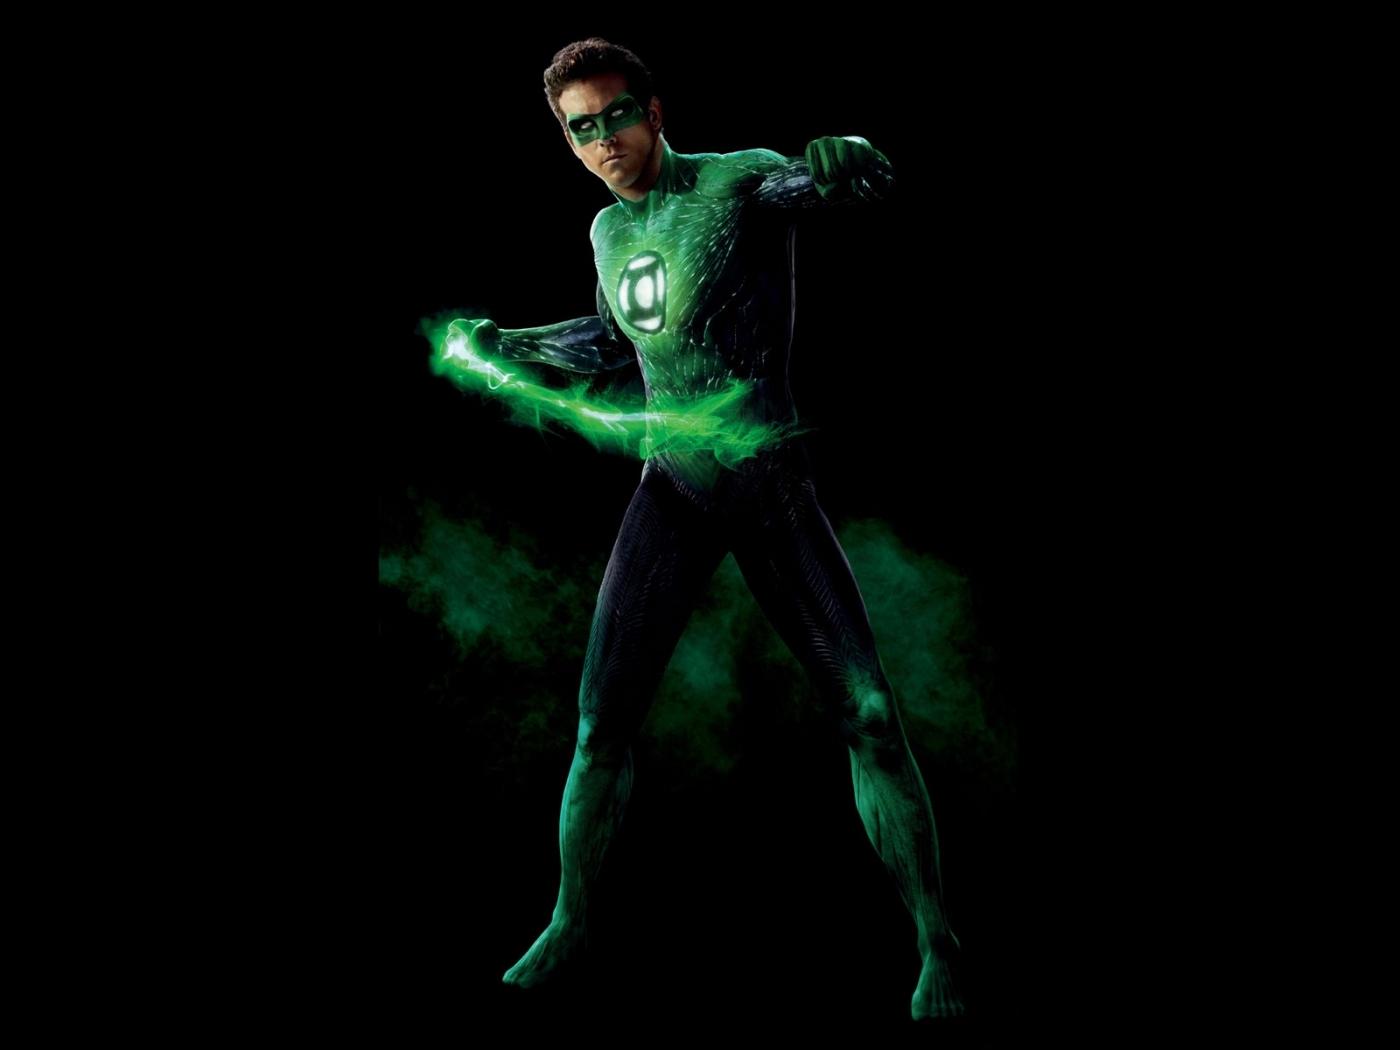 31976 Заставки и Обои Артисты на телефон. Скачать Артисты, Кино, Люди, Мужчины, Зеленый Фонарь (Green Lantern) картинки бесплатно